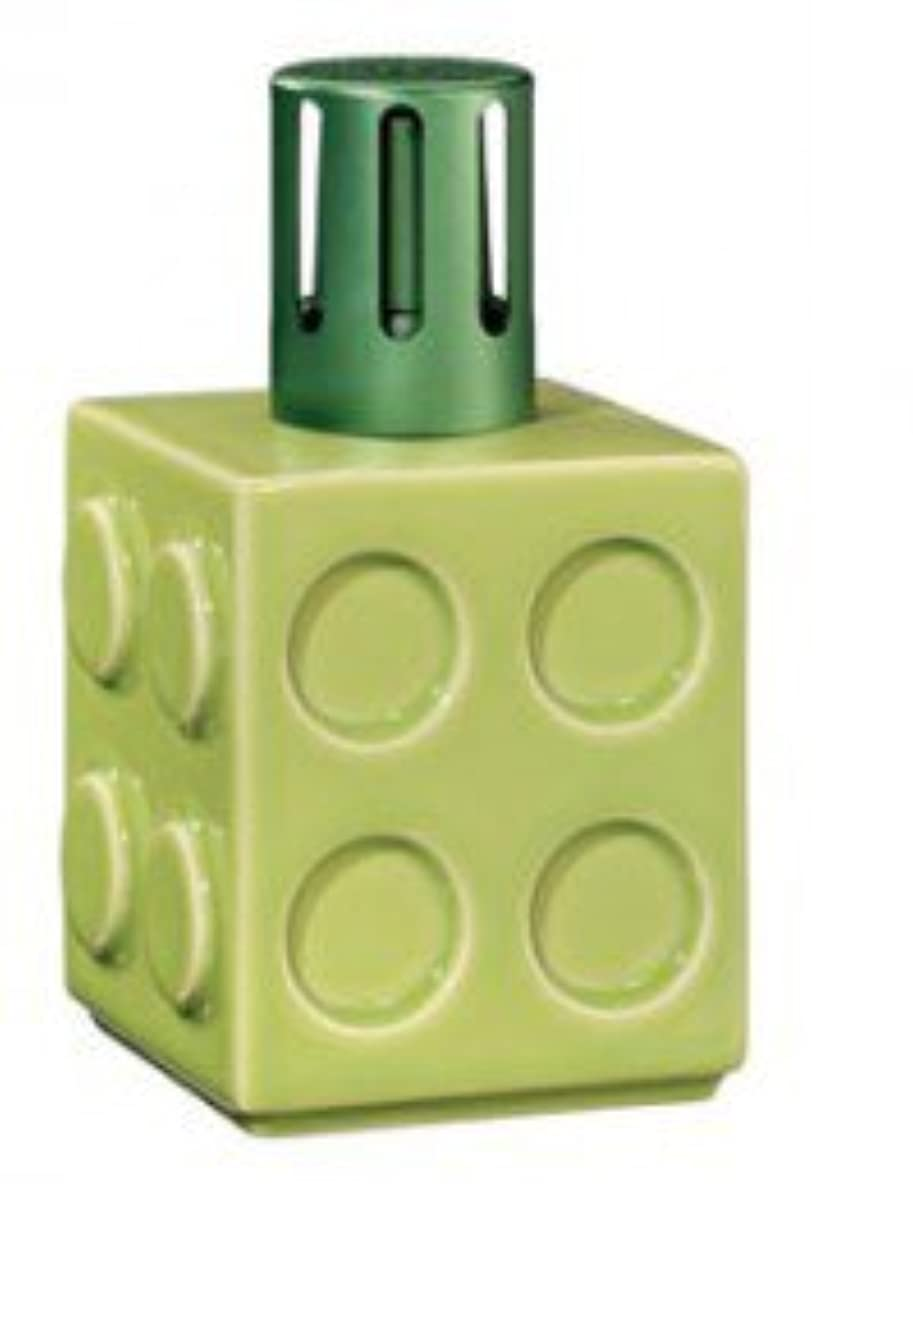 コロニアル凝視露出度の高いランプベルジェ?ランプ Play Berger Green